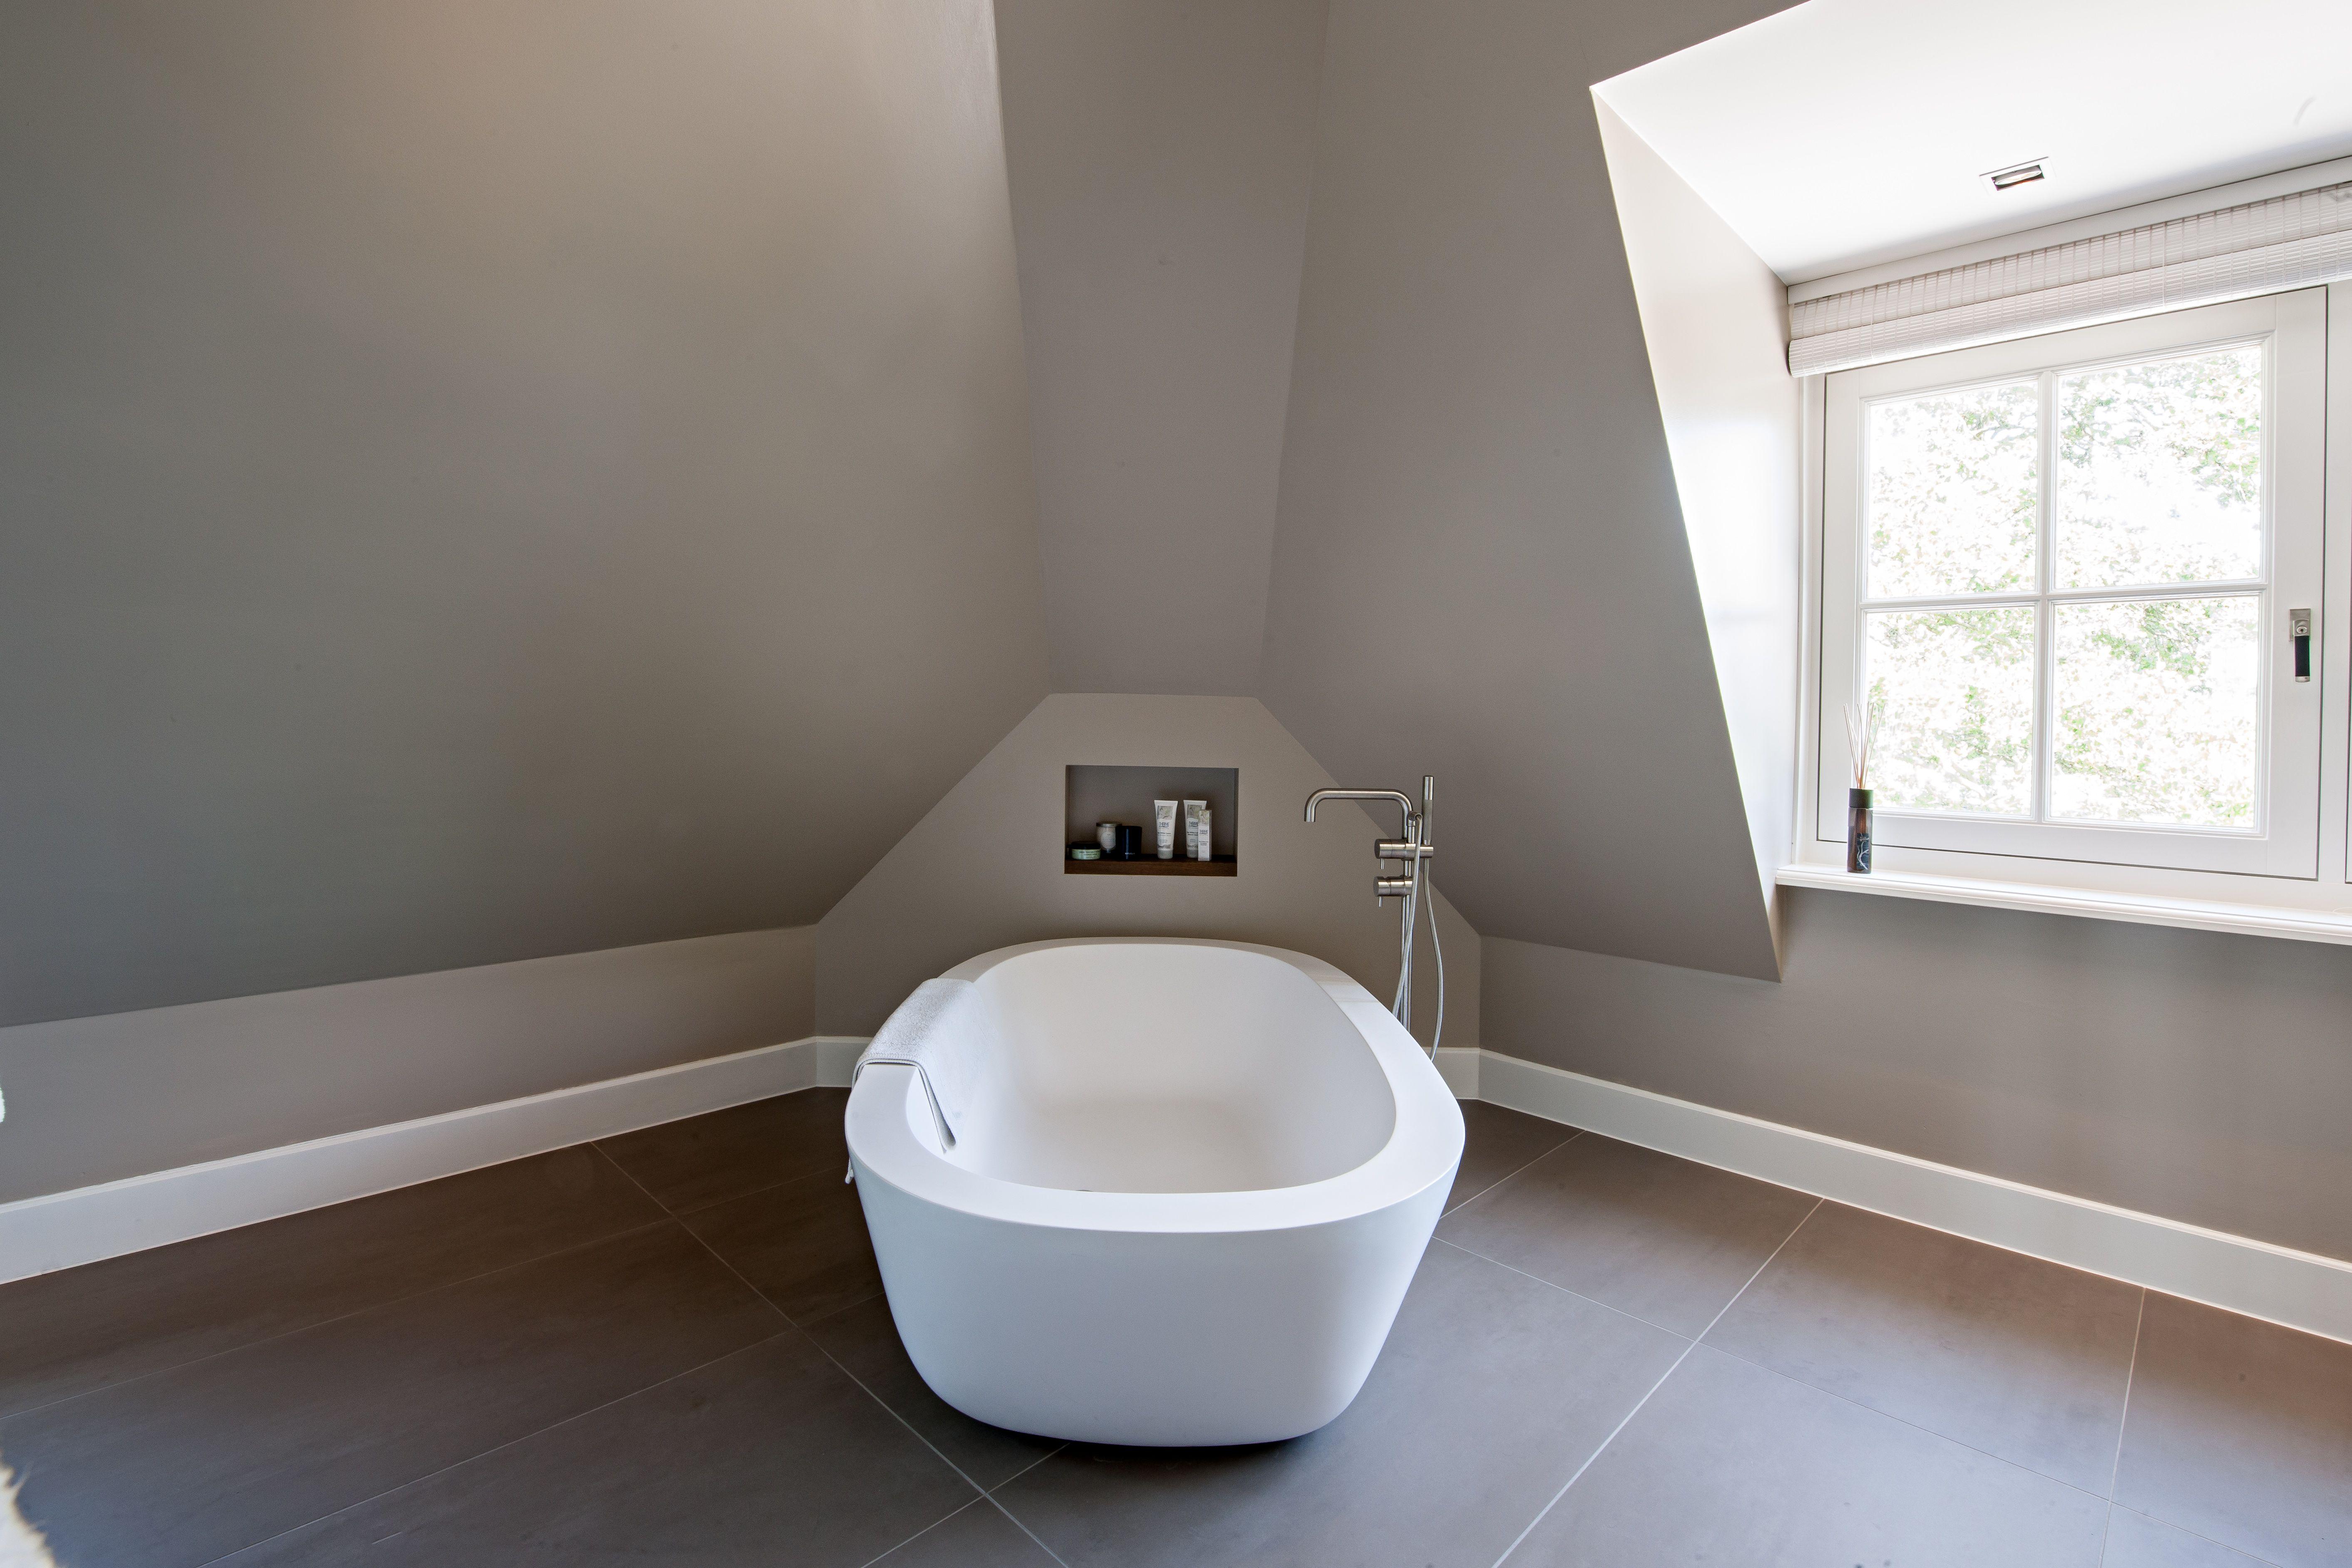 Badkamer Los Bad : Atelier3 stijlvolle klassieke badkamer #architect #atelier3